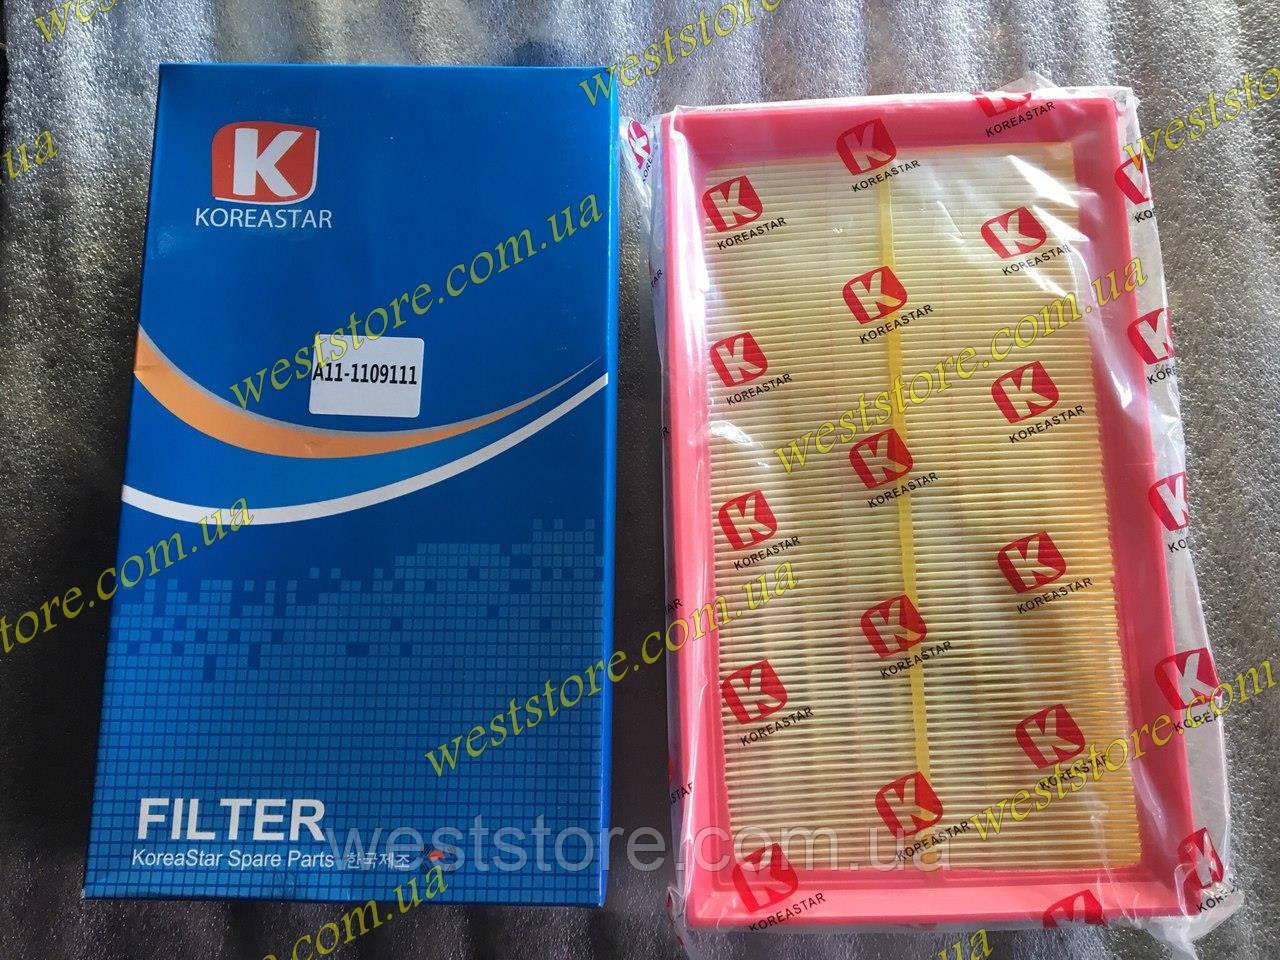 Фильтр воздушный Chery Amulet Чери Амулет KS A11-1109111 - Weststore Интернет магазин автозапчастей в Запорожье